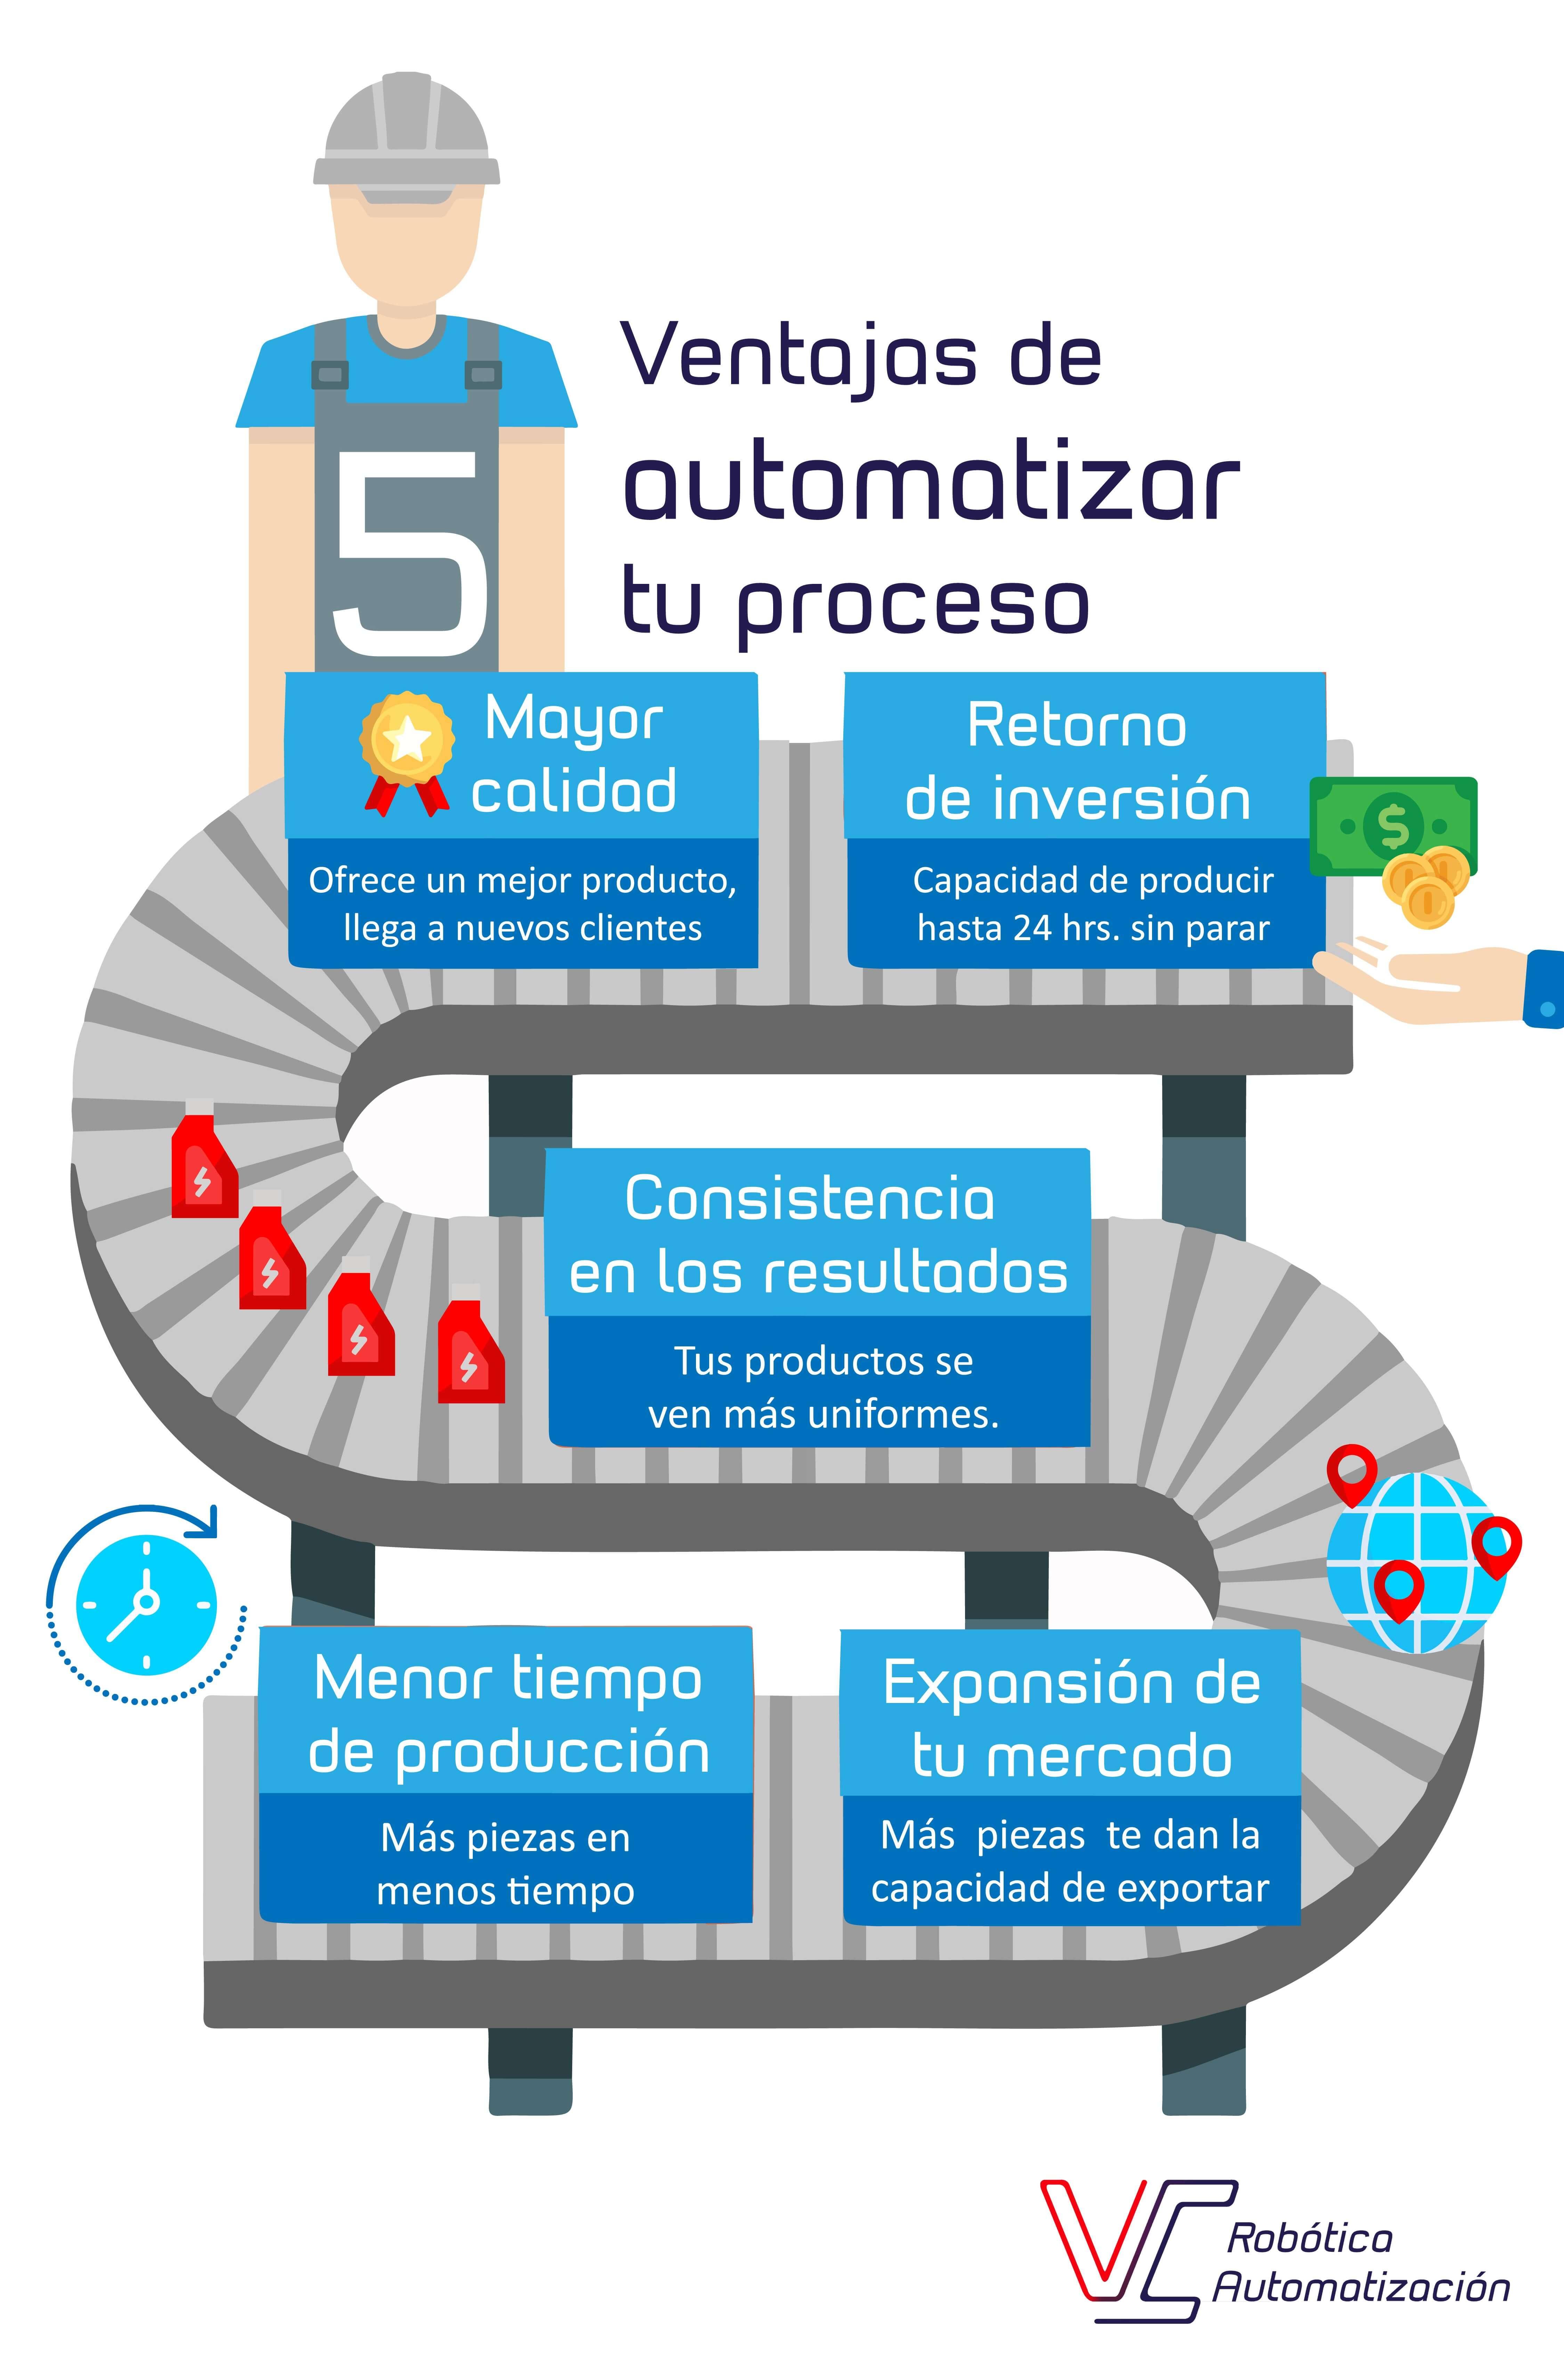 Ventajas de automatizar tu proceso